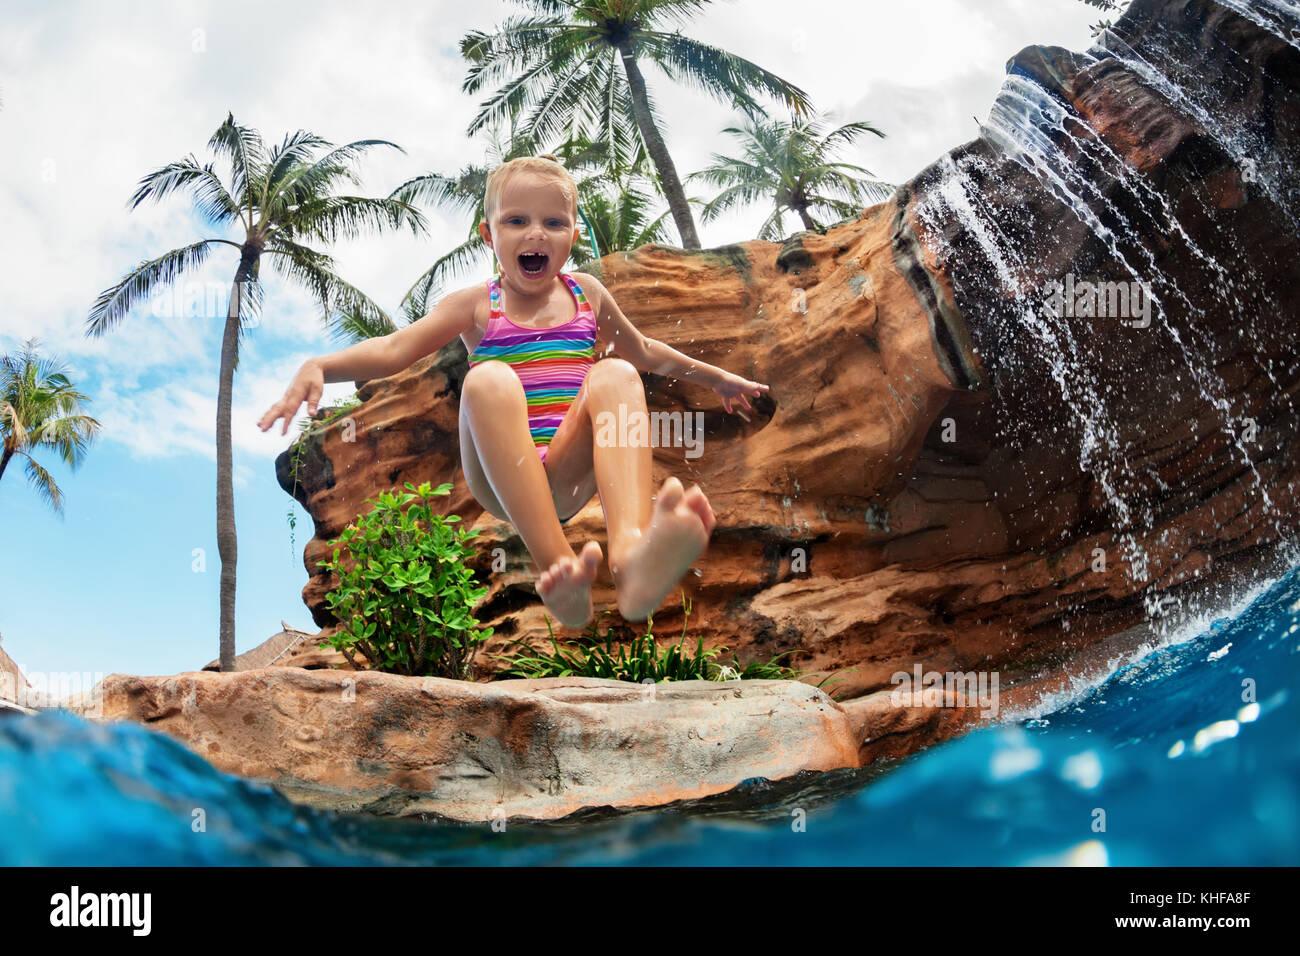 Funny enfant apprendre à nager avec plaisir. girl jumping high avec des touches dans l'eau piscine sous Photo Stock